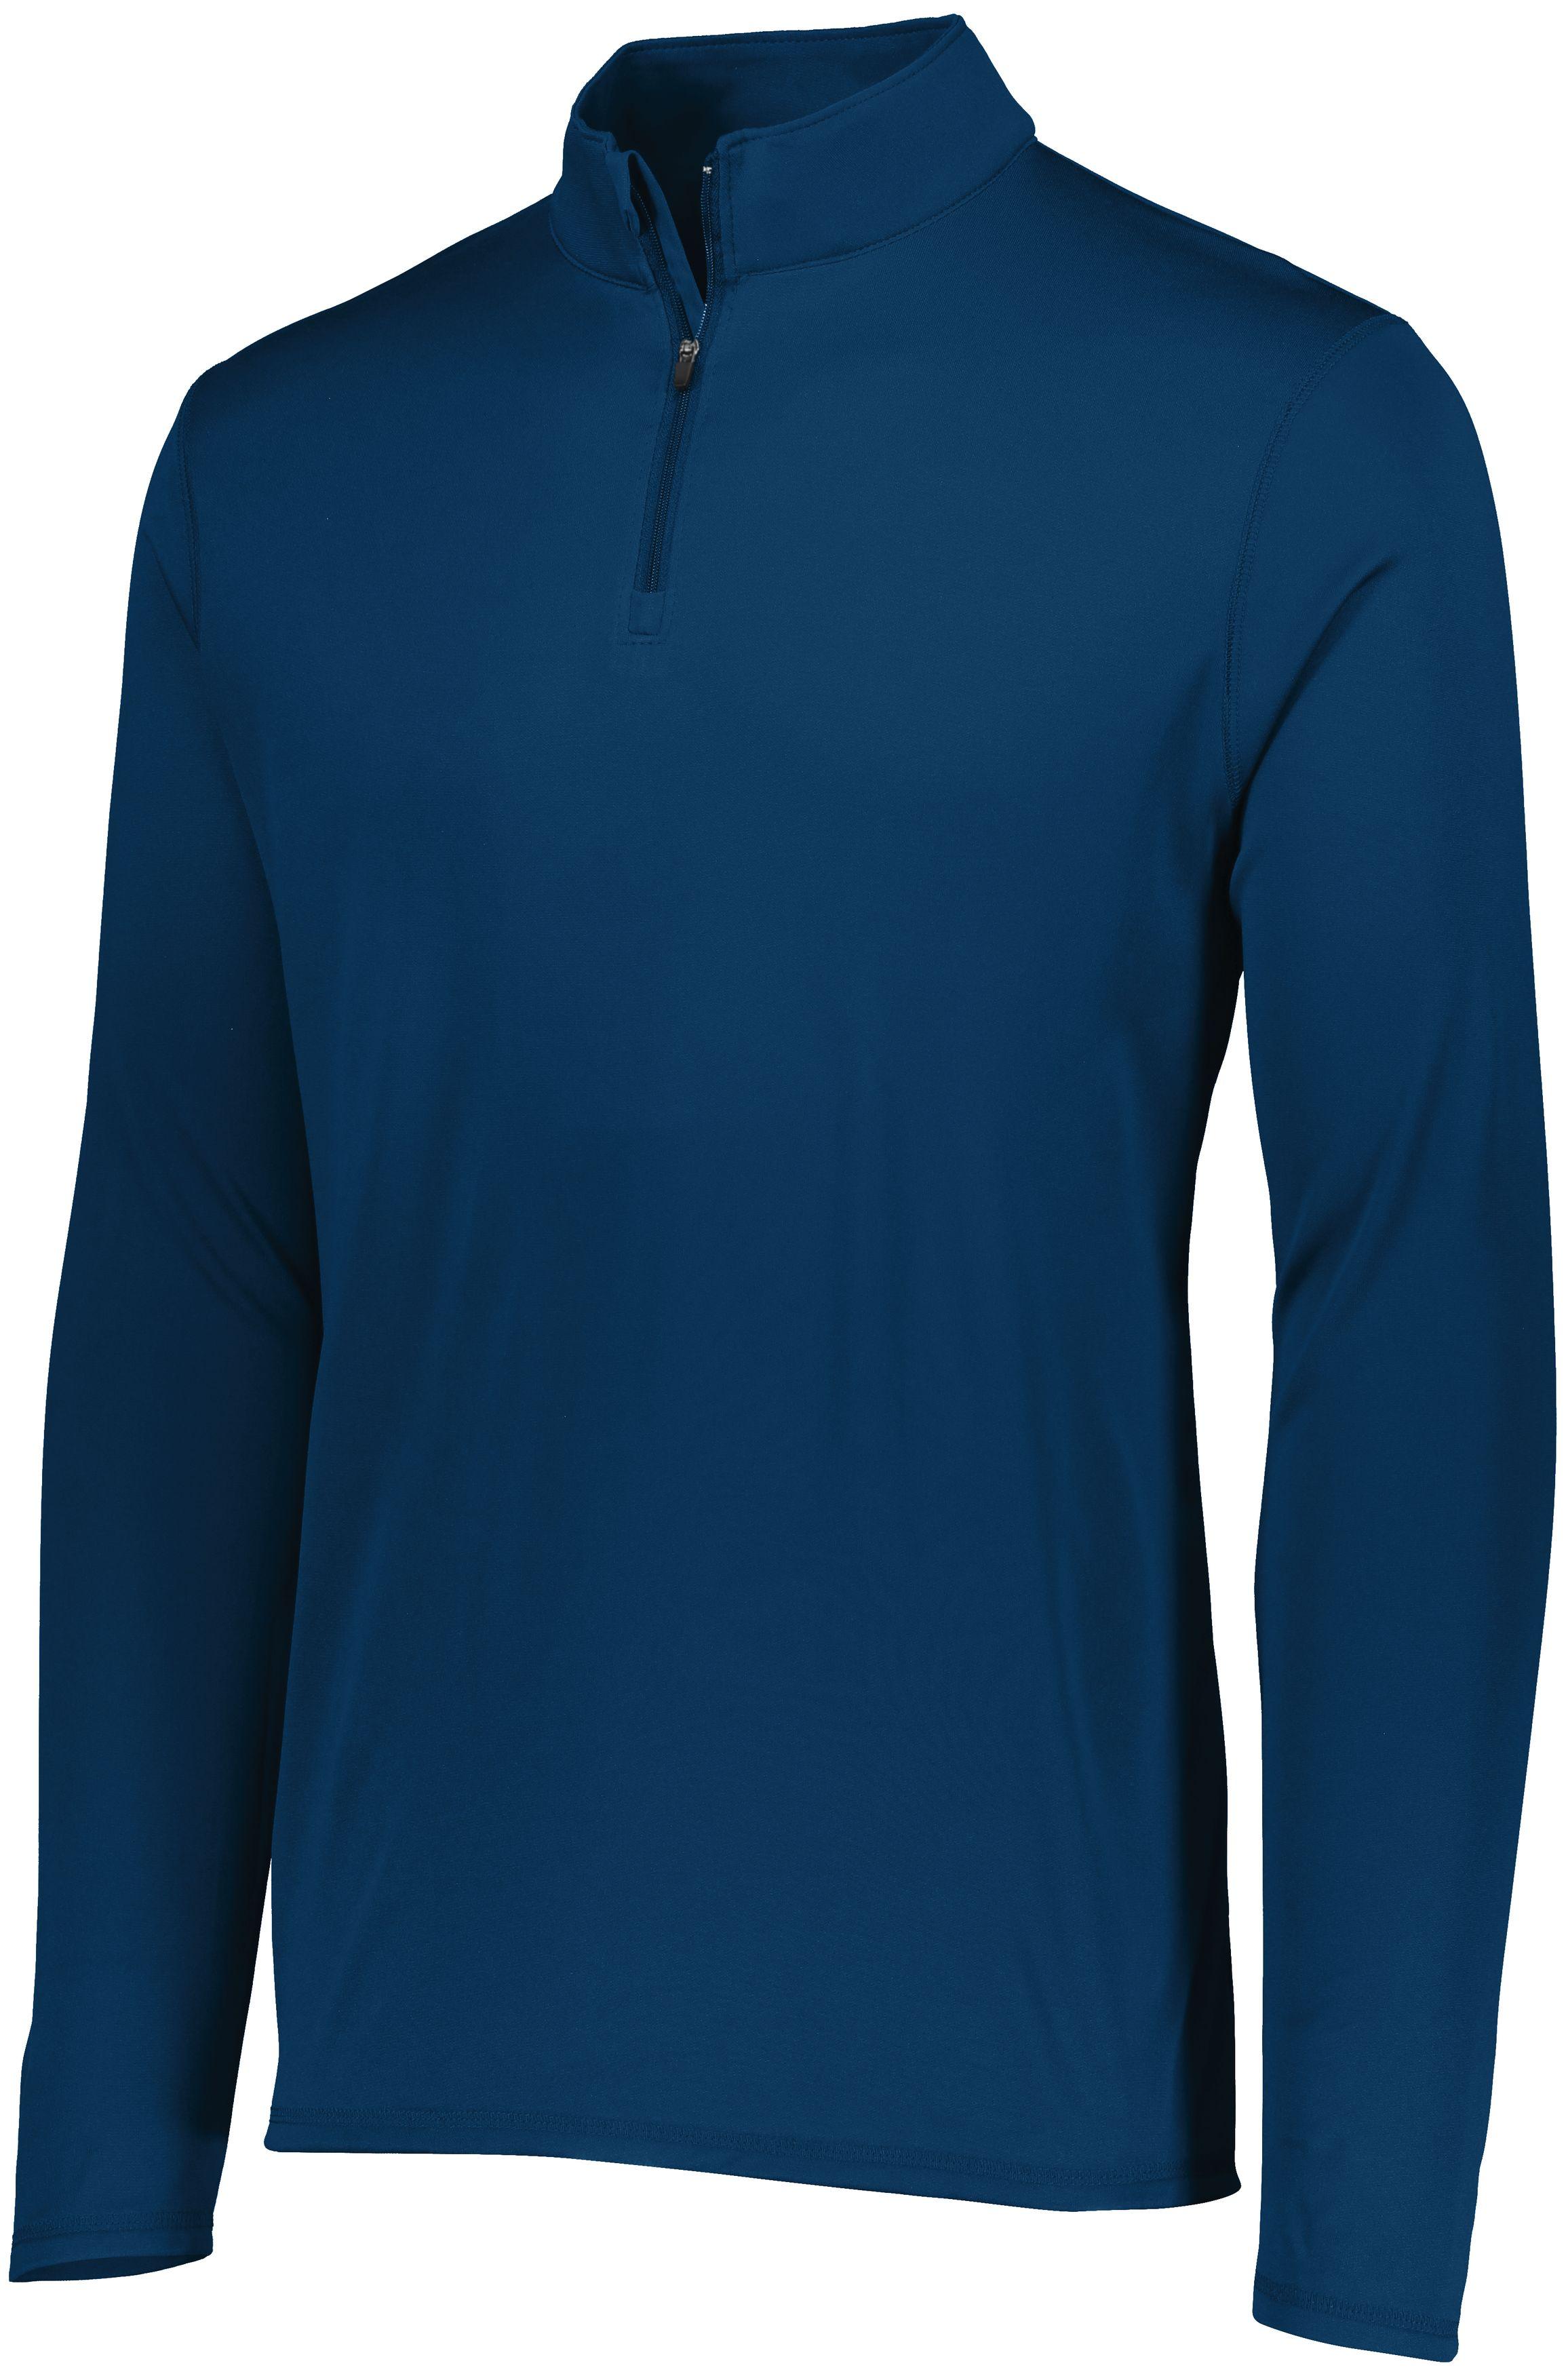 Attain Wicking 1/4 Zip Pullover - NAVY